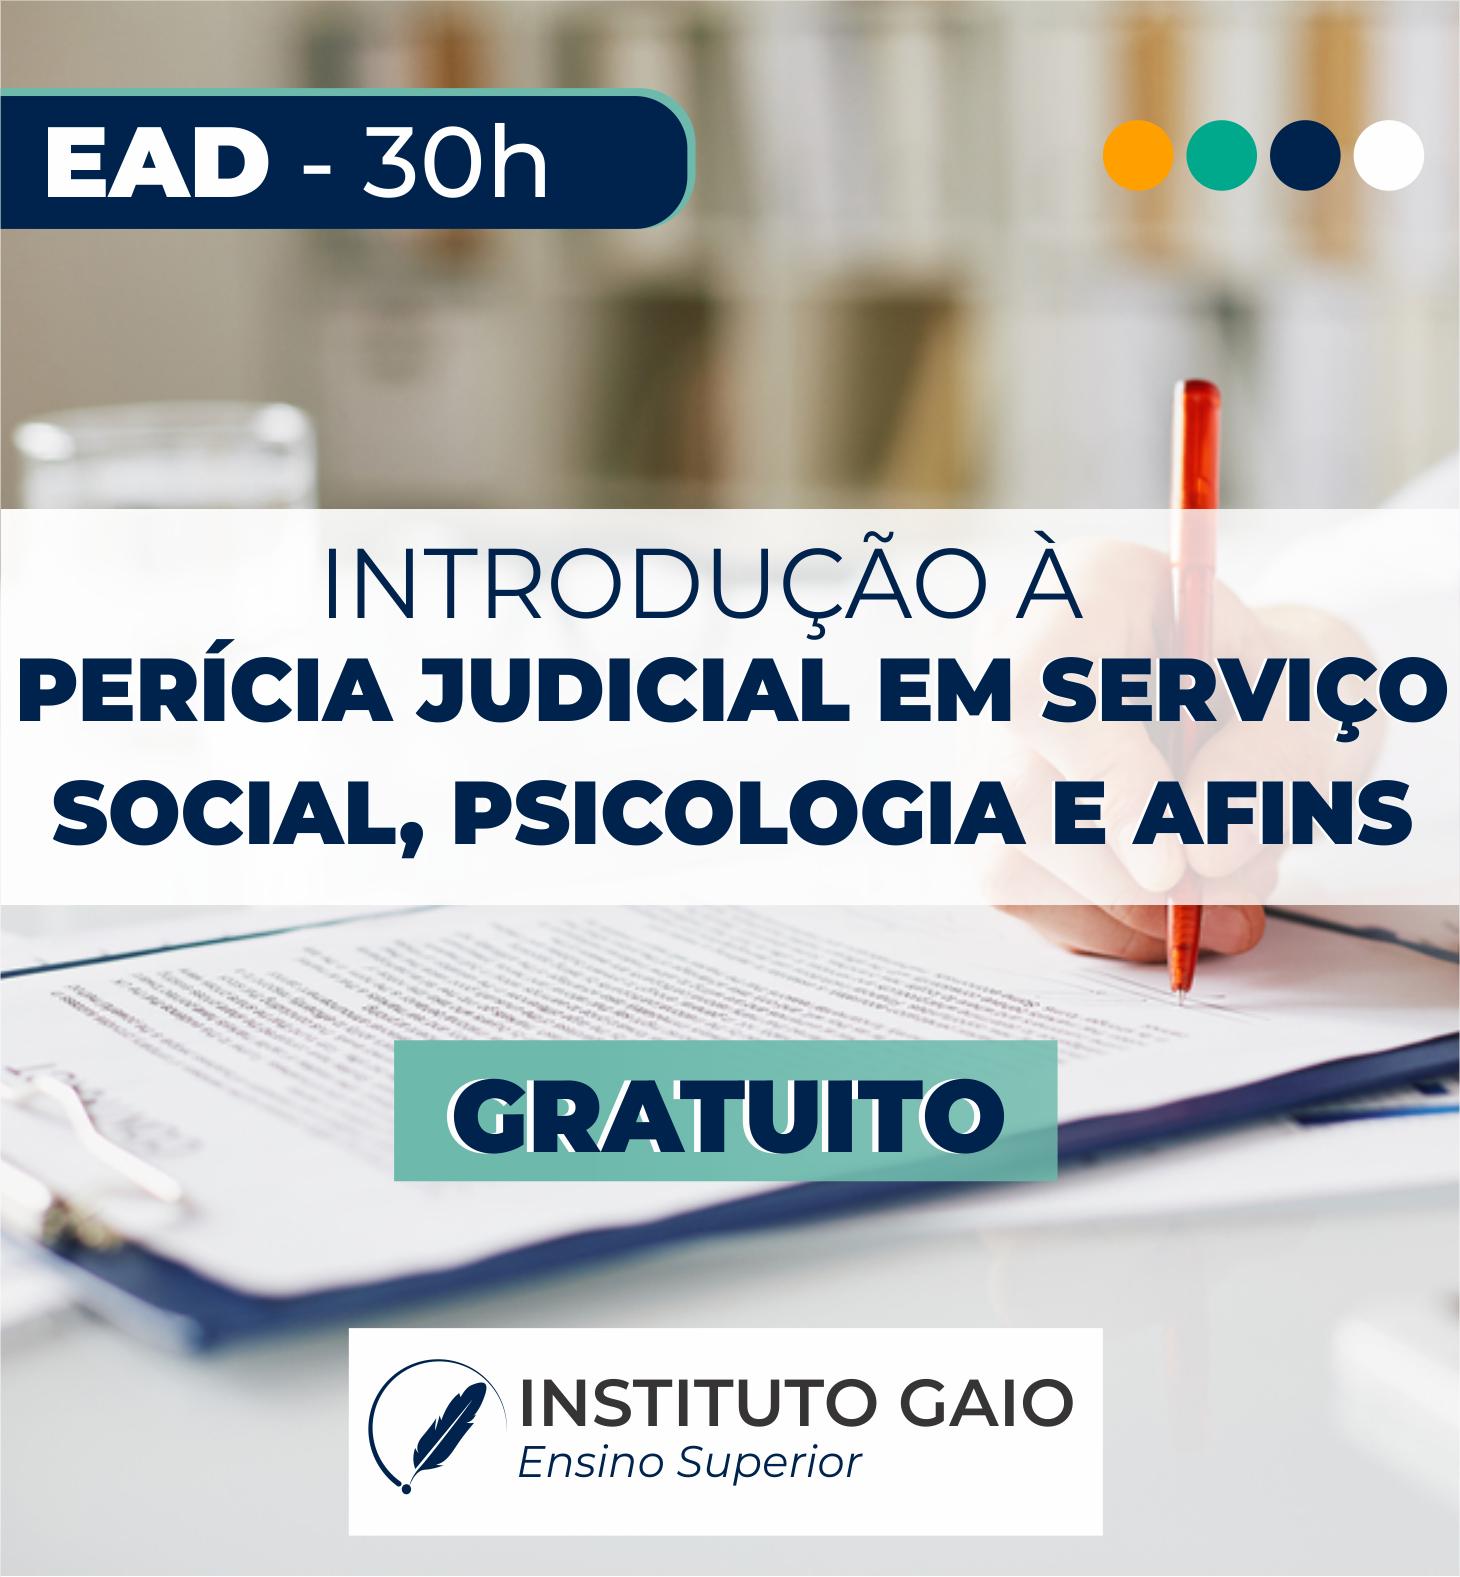 INTRODUÇÃO A PERÍCIA EM SERVIÇO SOCIAL E PSICOLOGIA – 30h – GRATUITO